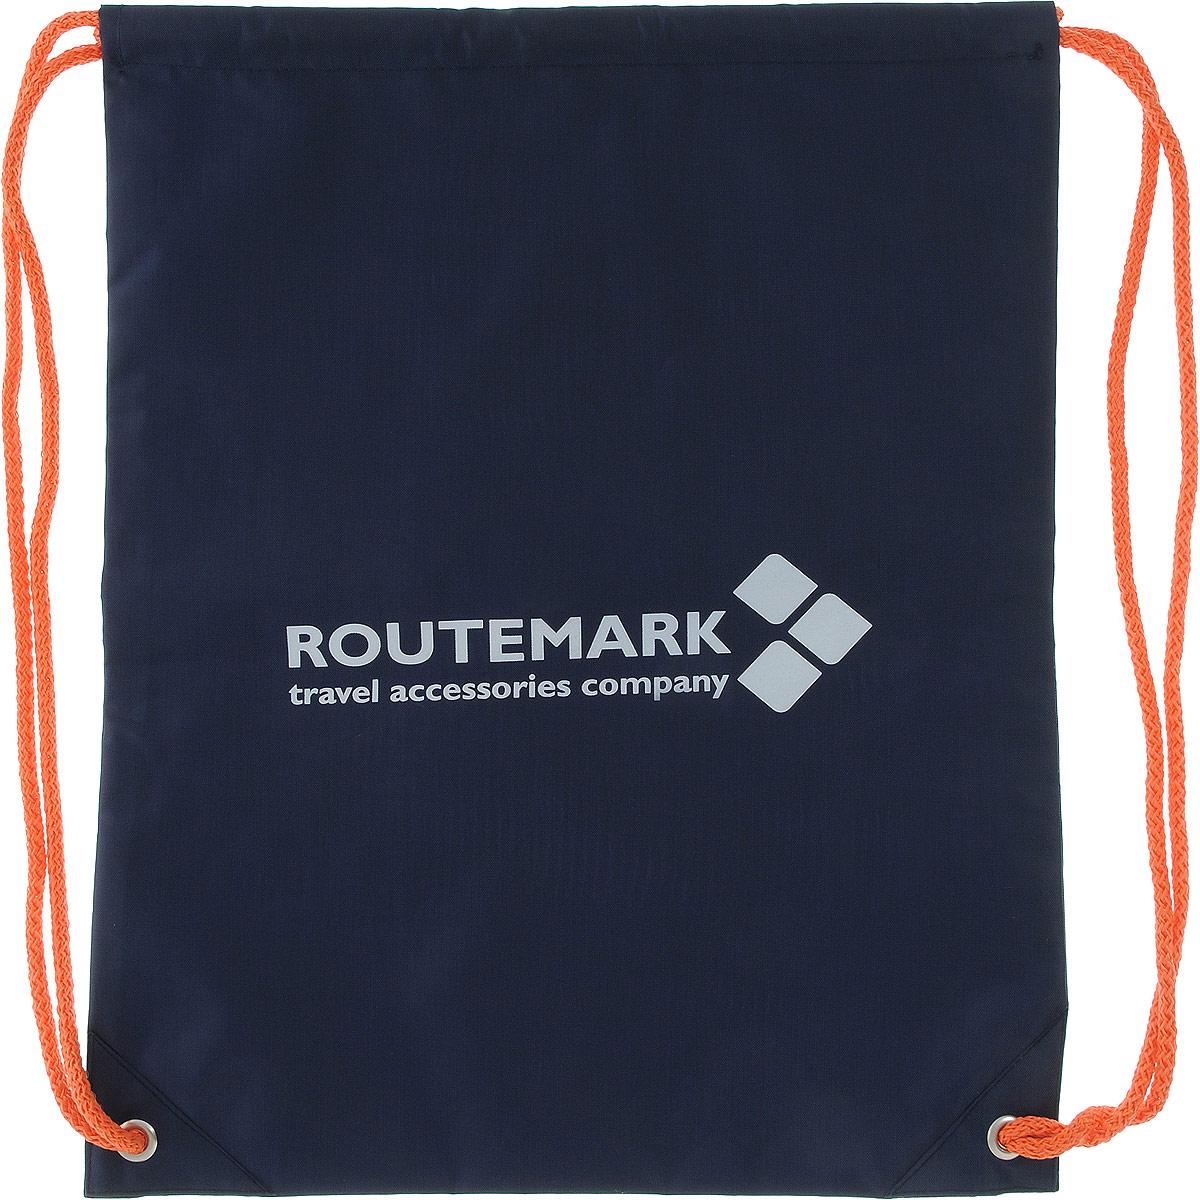 Рюкзак спортивный Routemark, цвет: темно-синий, 43 х 33 см6505Яркий пляжный рюкзак Routemark выполнен из качественного плотного материала. Все необходимое (полотенце,тапочки, купальный костюм, крем для загара, кошелек и телефон) будут всегда с вами. В рюкзаке можно носитьсменную обувь в школу, кроссовки в спортзал или даже ходить с ним в обычный магазин за покупками. Рюкзакзатягивается в верхней части с помощью специального шнурка.